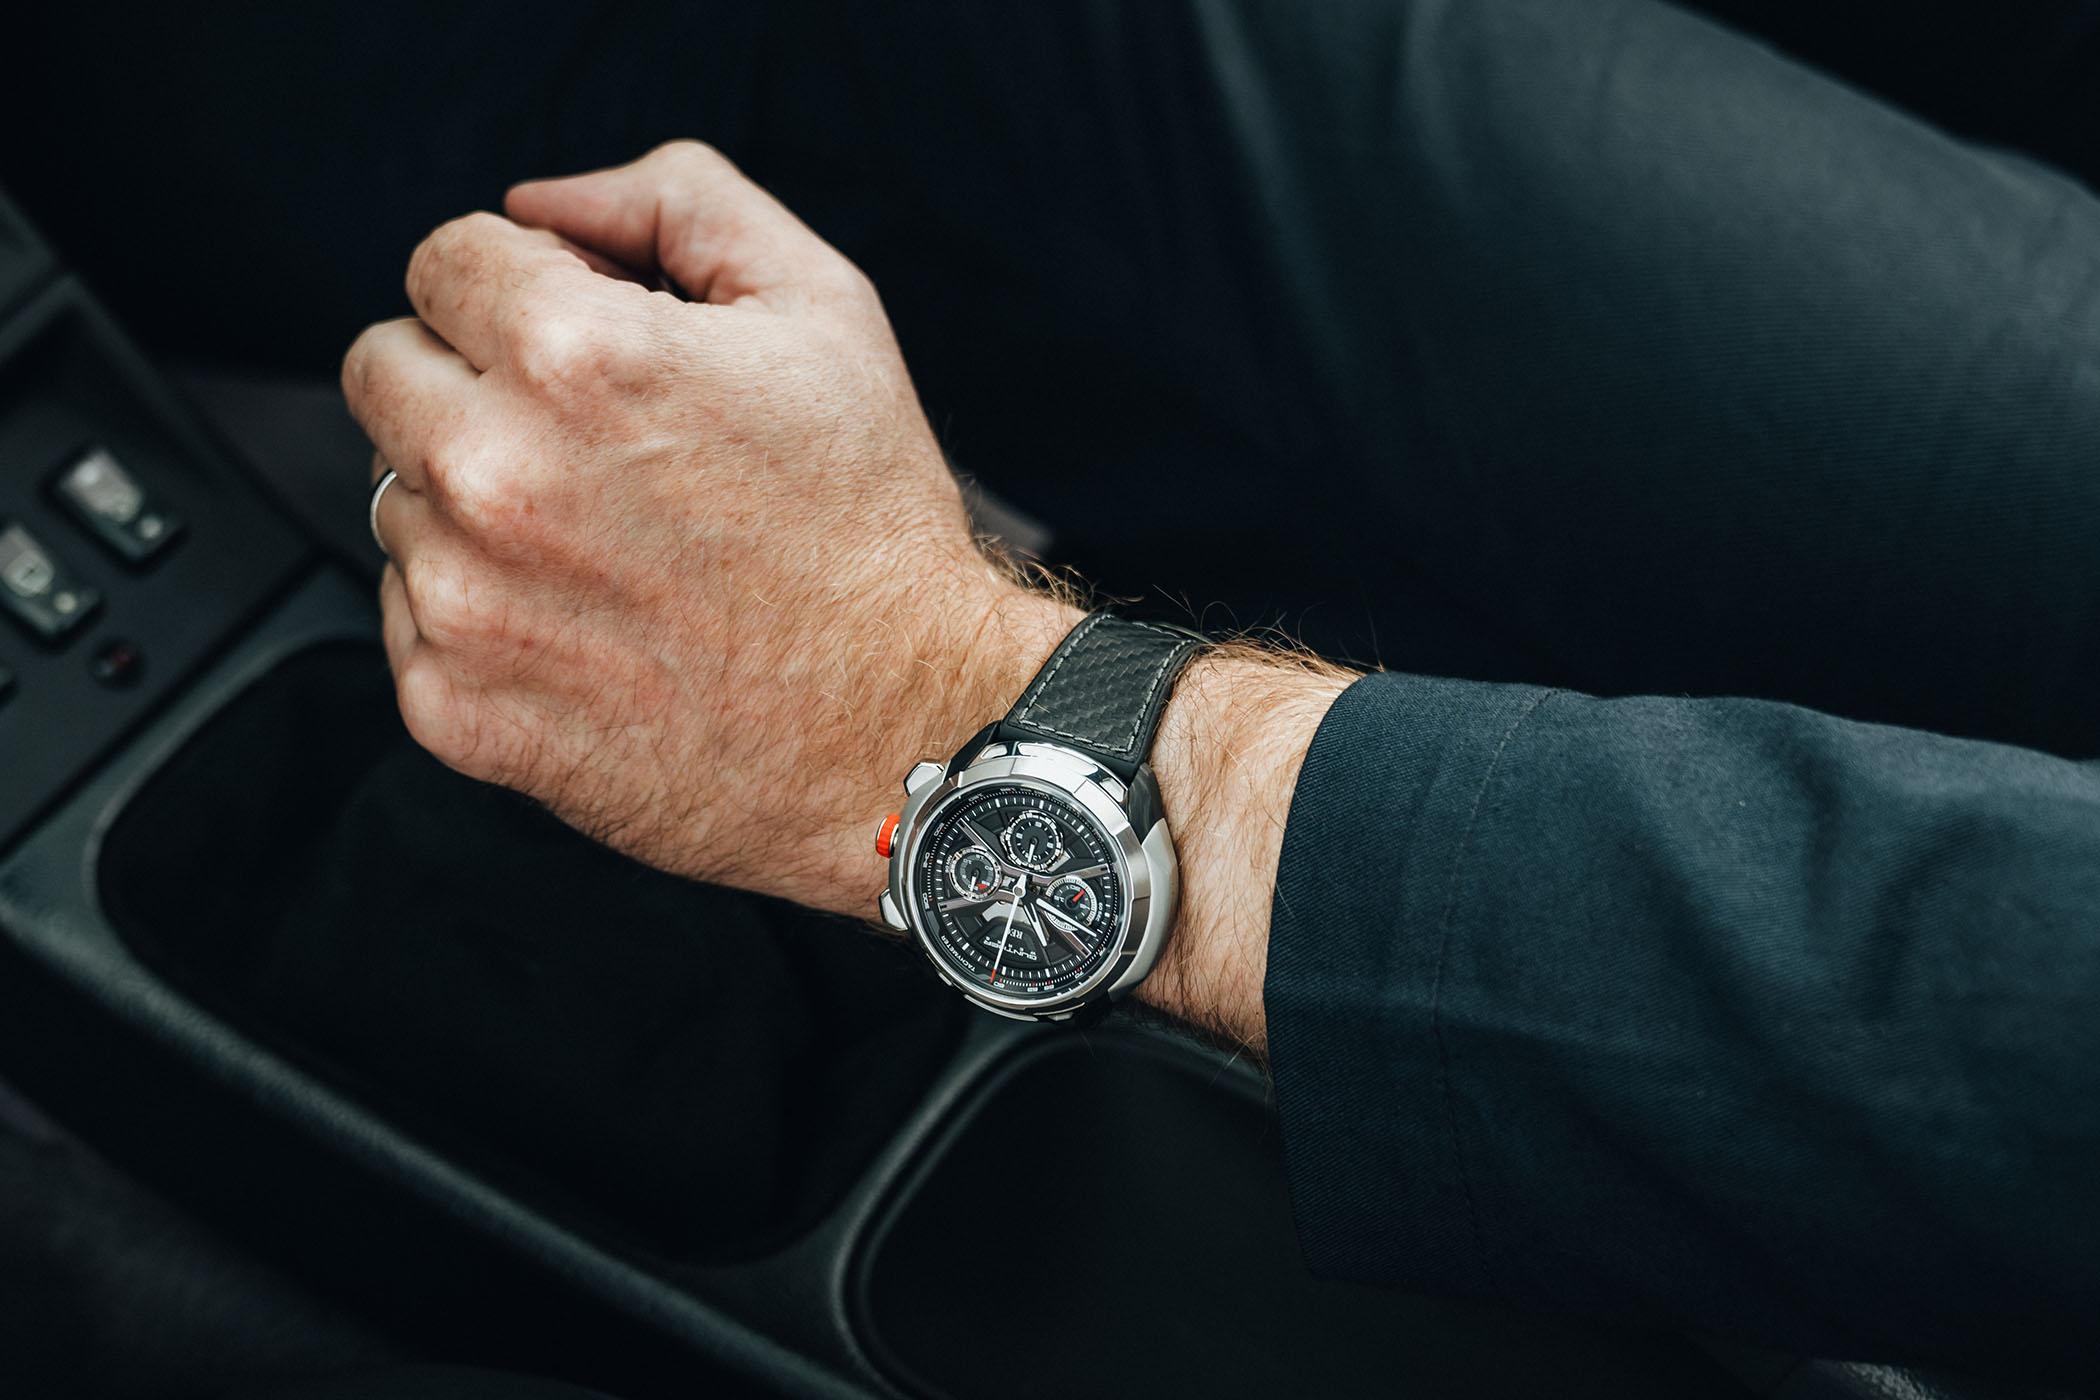 REC Watches 901 GW Carbon Exoskeleton and Chelsea Grey - Porsche 993 Remastered Gunther Werks - 10